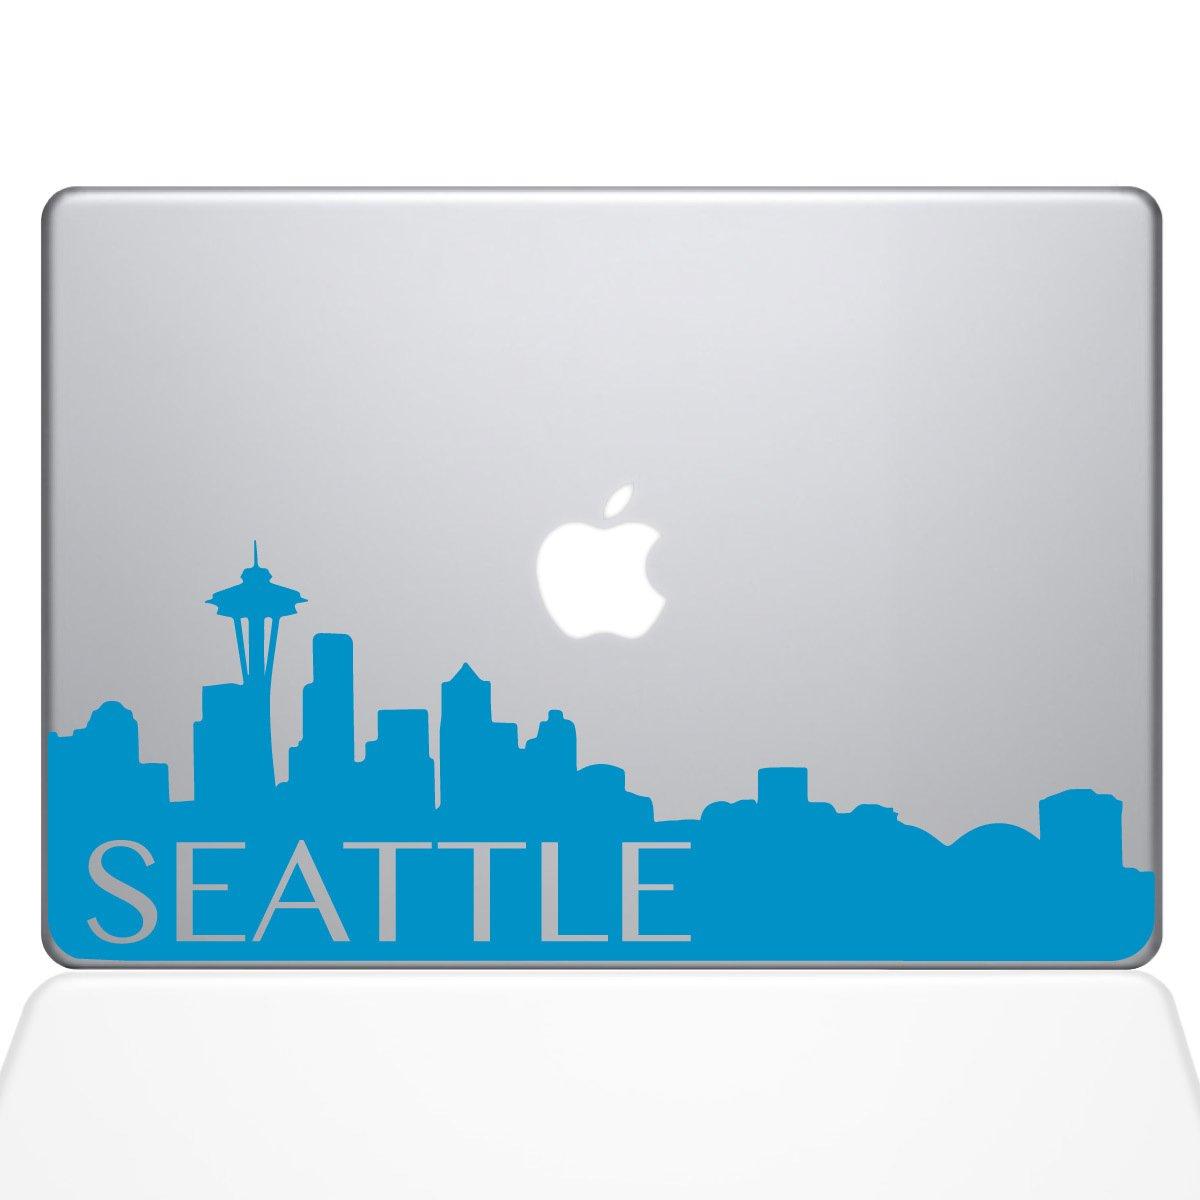 公式の  Seattle B07239N4R7 Skyline Macbookデカール、Die Cut Vinyl Seattle Decal Decal for Windows車、トラック、ツールボックス、ノートパソコン、ほぼすべてmacbook-ハード、滑らかな表面 グレイ Titans-Unique-Design-119099-Light-Blue ライトブルー B07239N4R7, 留萌市:e70d648f --- kickit.co.ke